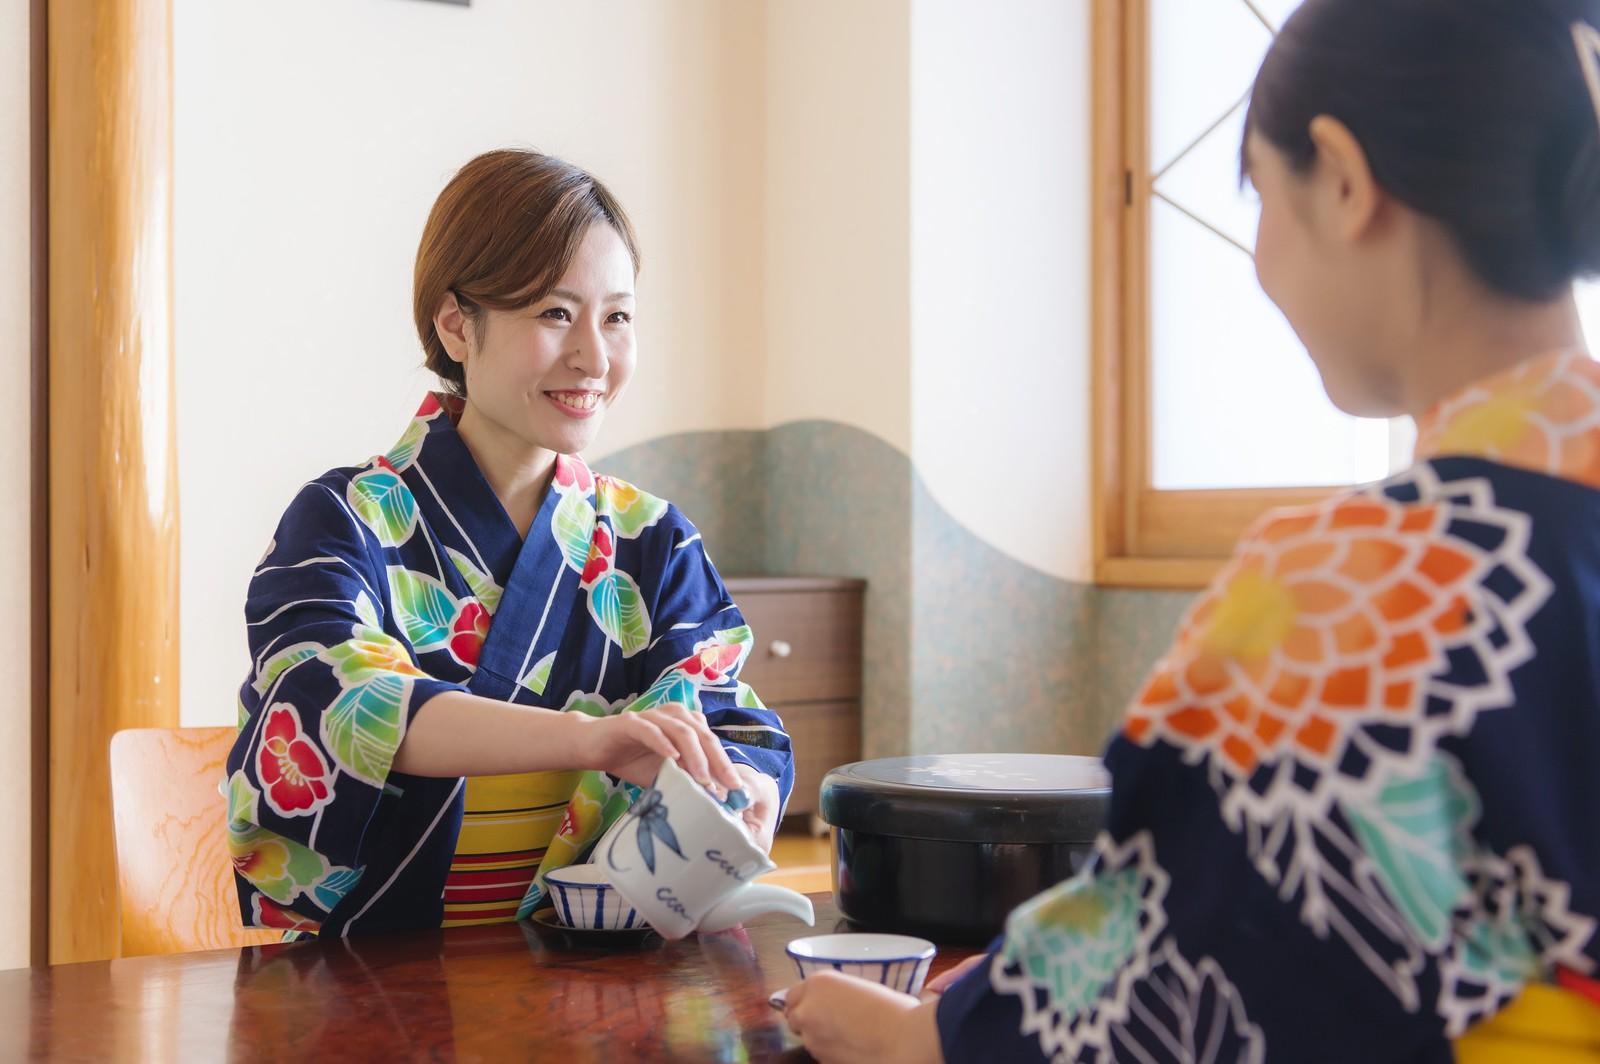 近畿日本ツーリスト|面接内容と選考プロセスの実態とは